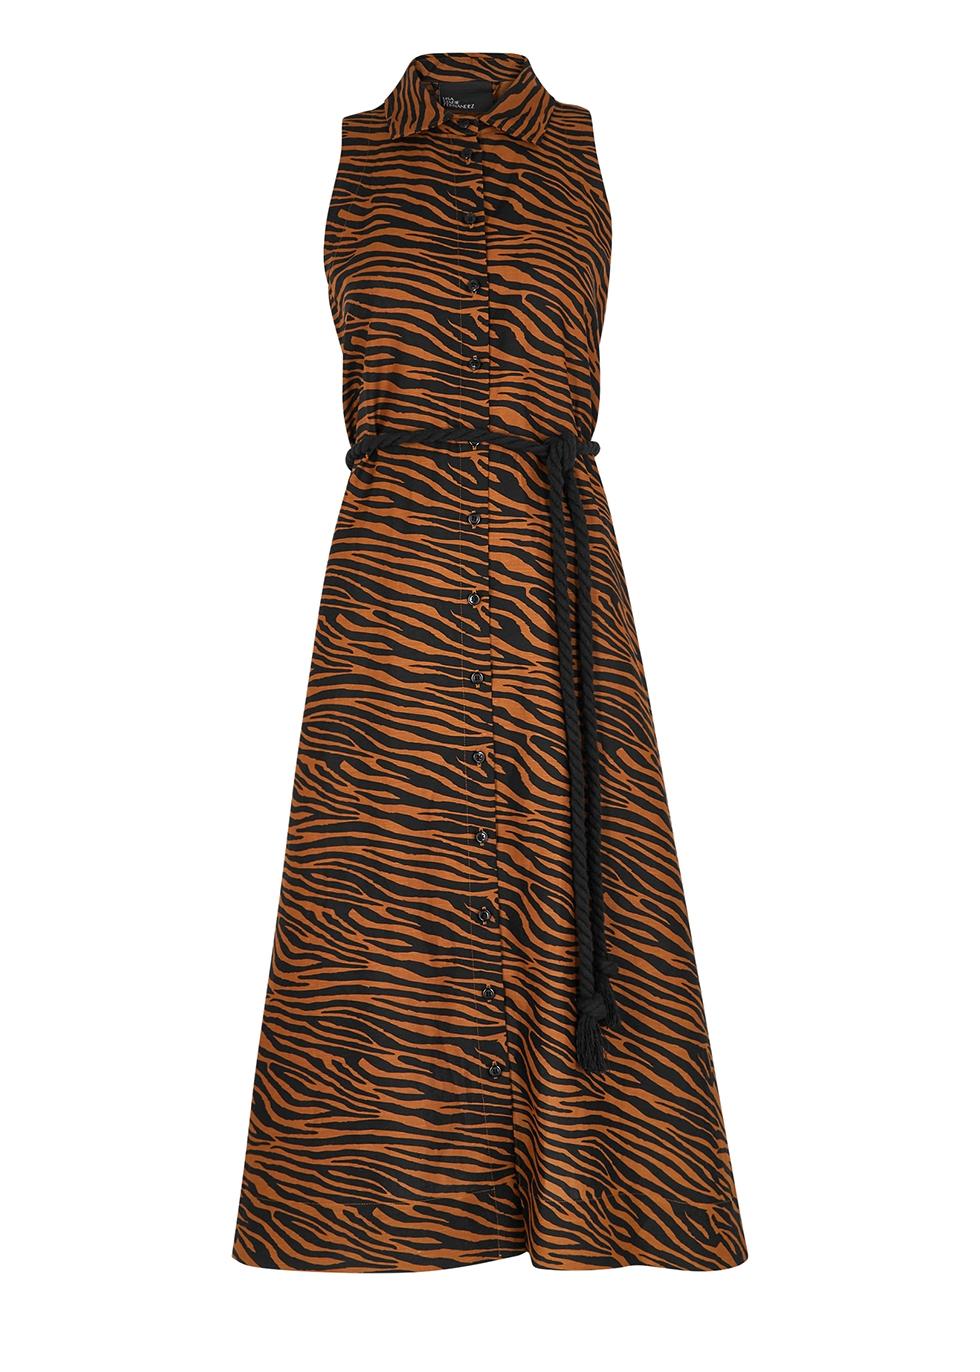 Alison zebra-print linen-blend shirt dress